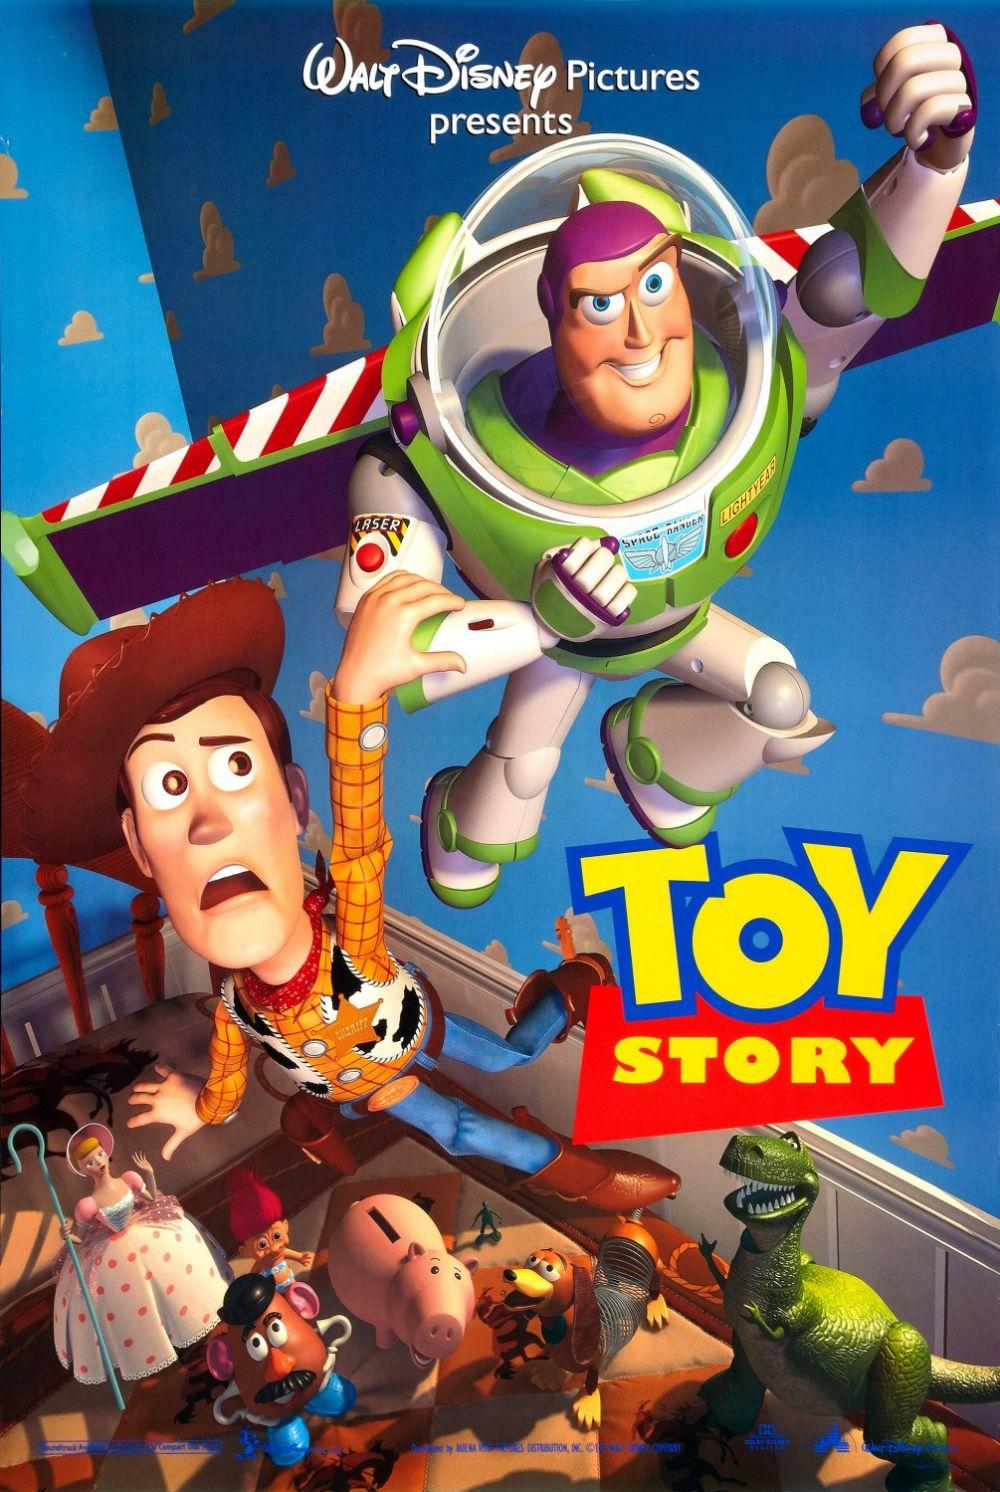 10 Film kartun yang baik untuk anak, mendidik dan inspiratif berbagai sumber